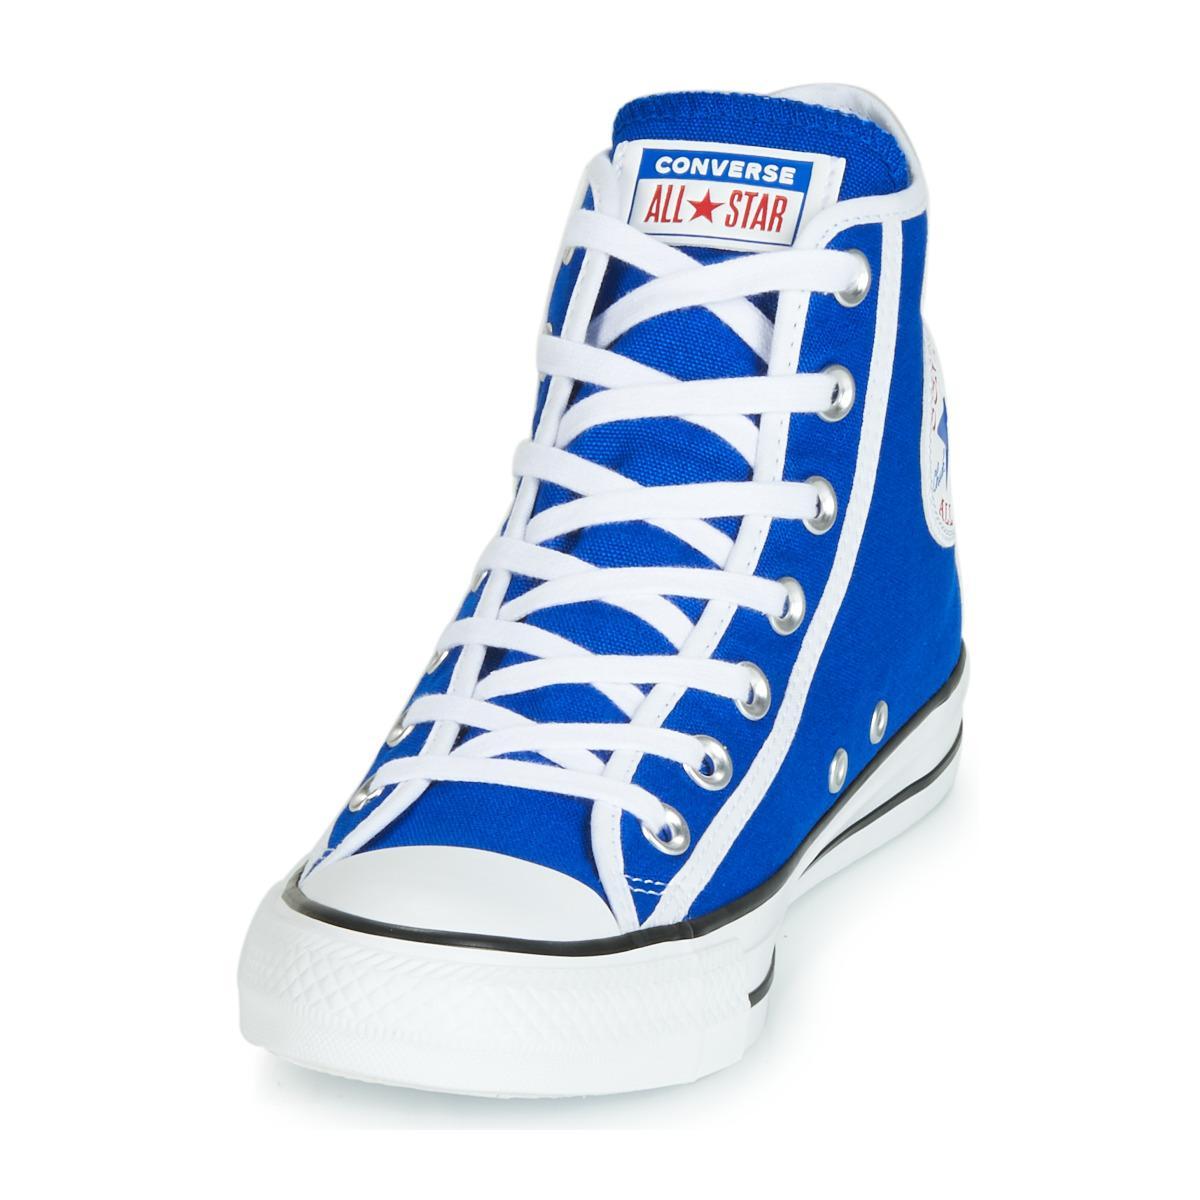 fb0ef68d0fb8 Converse - Chuck Taylor All Star Gamer Canvas Hi Men s Shoes (high-top  Trainers. View fullscreen